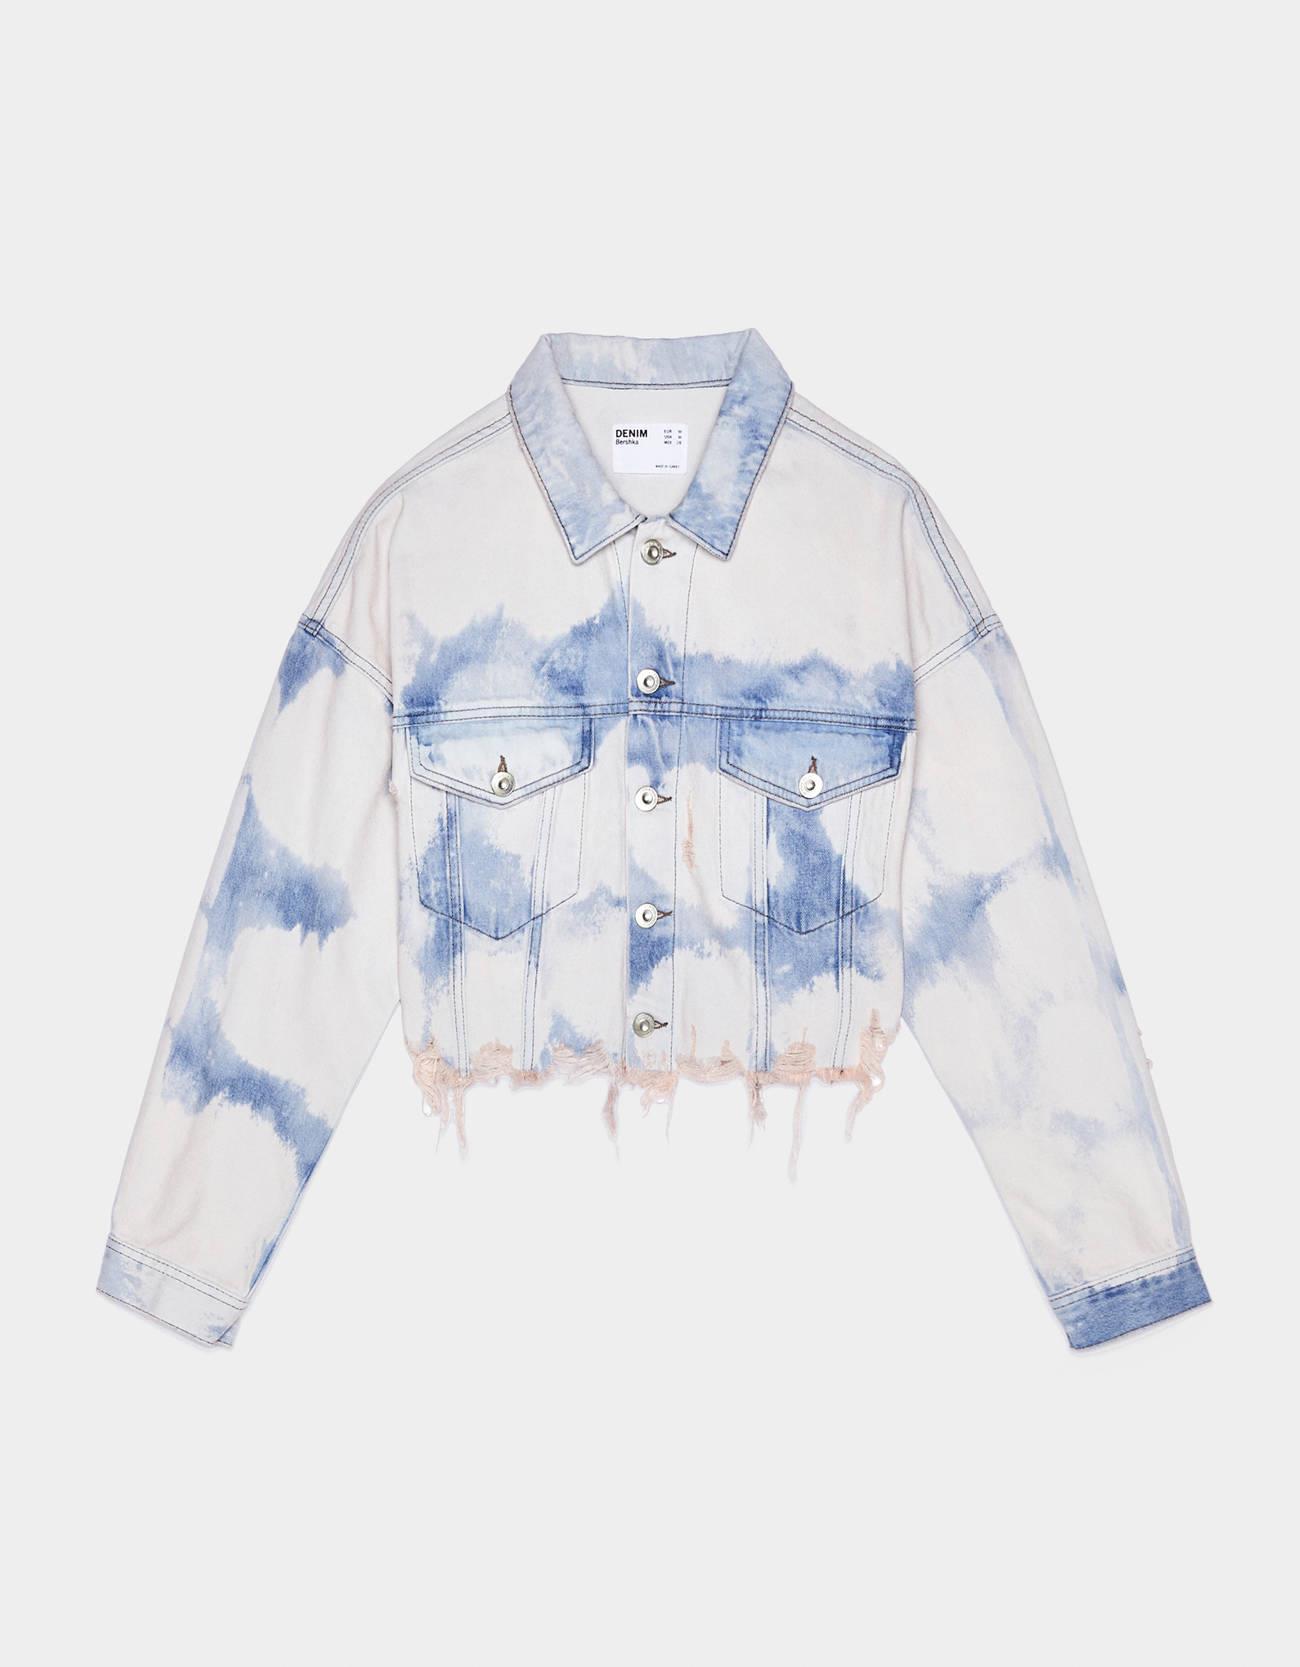 1 3Camisa blanca: look de noche Camisa blanca con adornos